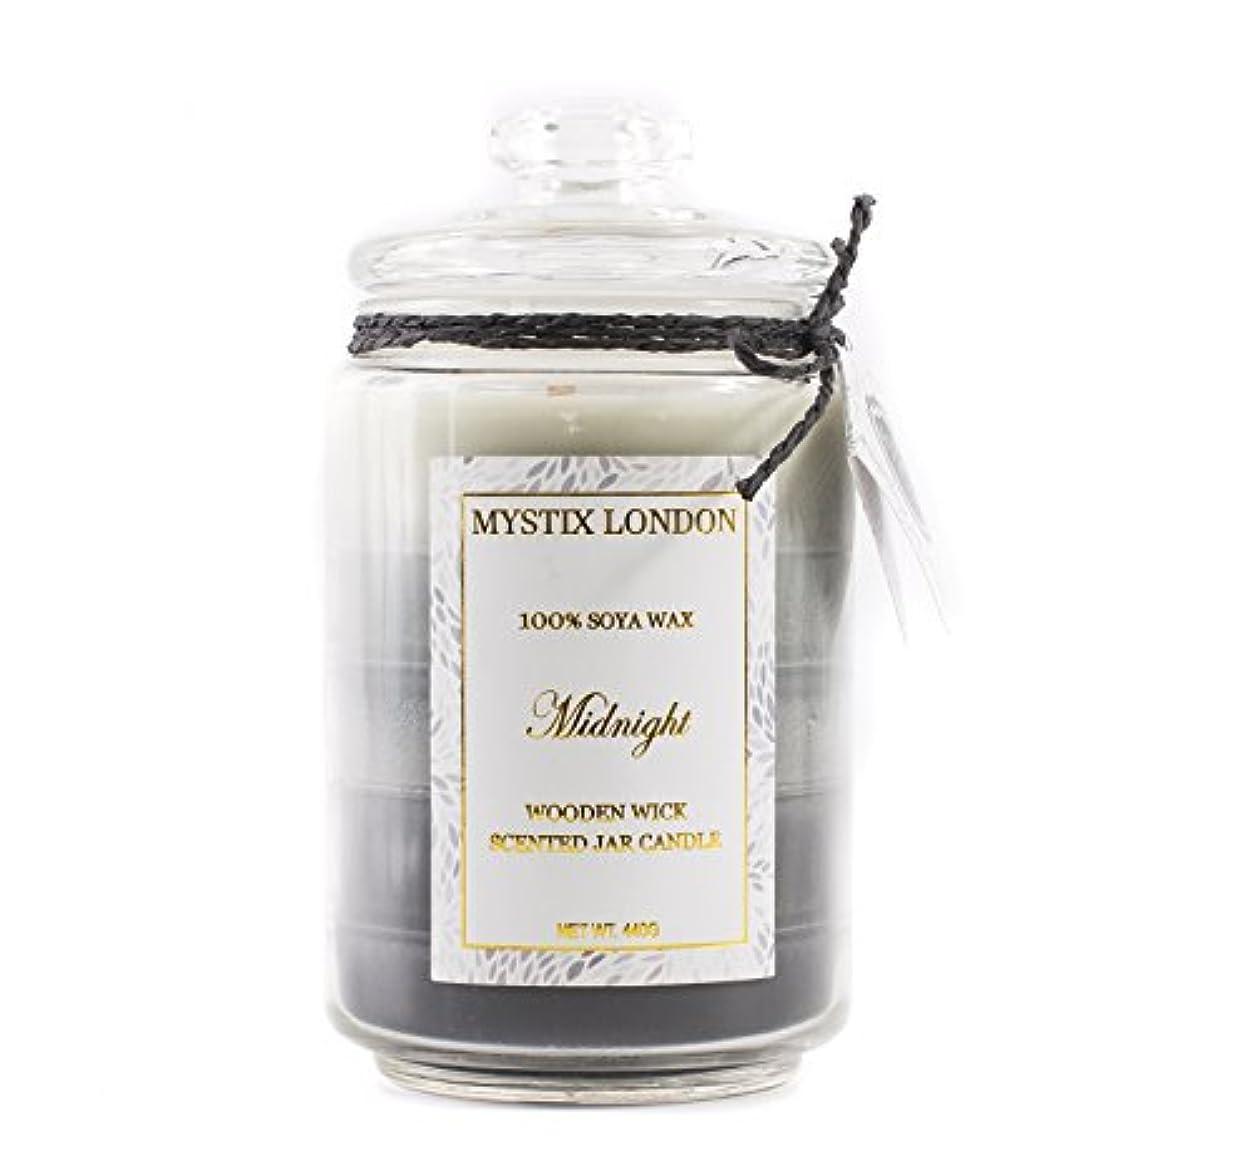 セットアップ概要姿勢Mystix London Midnight Wooden Wick Scented Jar Candle 440g